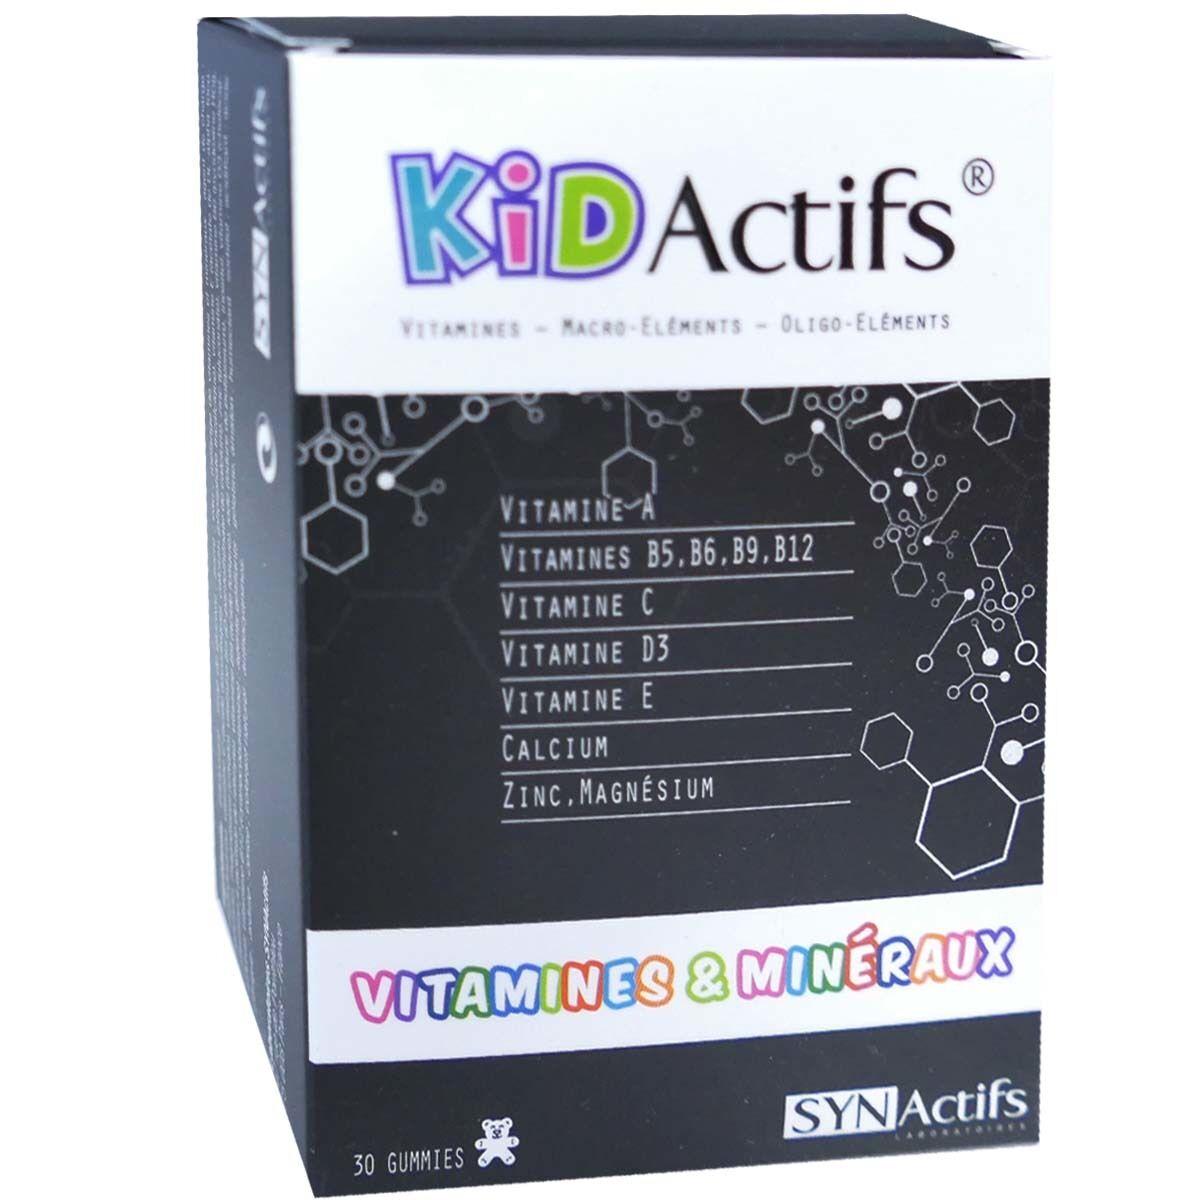 Kid actifs vitamines & mineraux 30 gelules